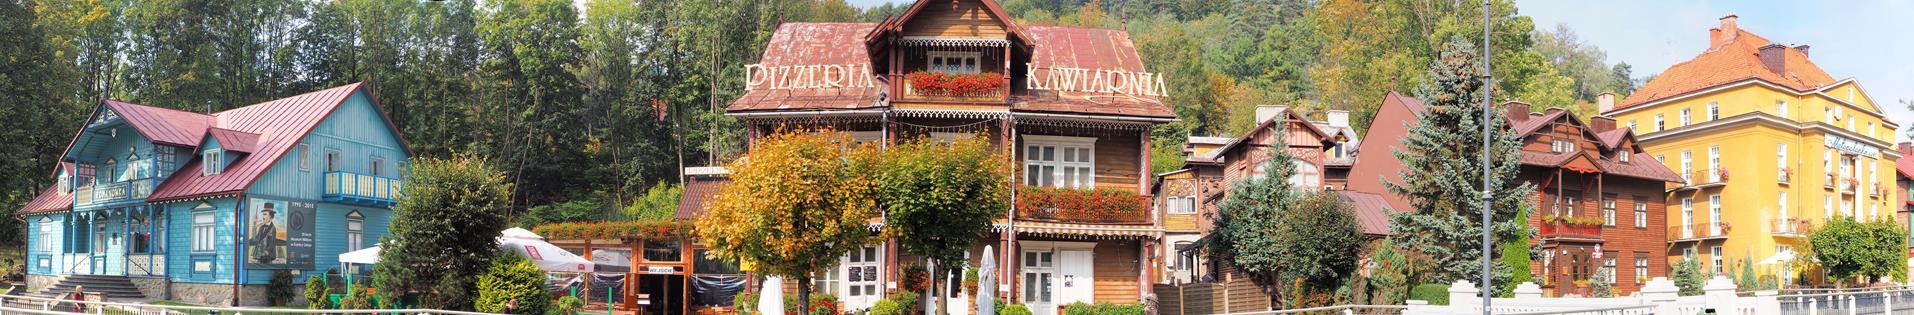 Bulwary Dietla w Krynicy i cały szereg zabytków arch. drewnianej.